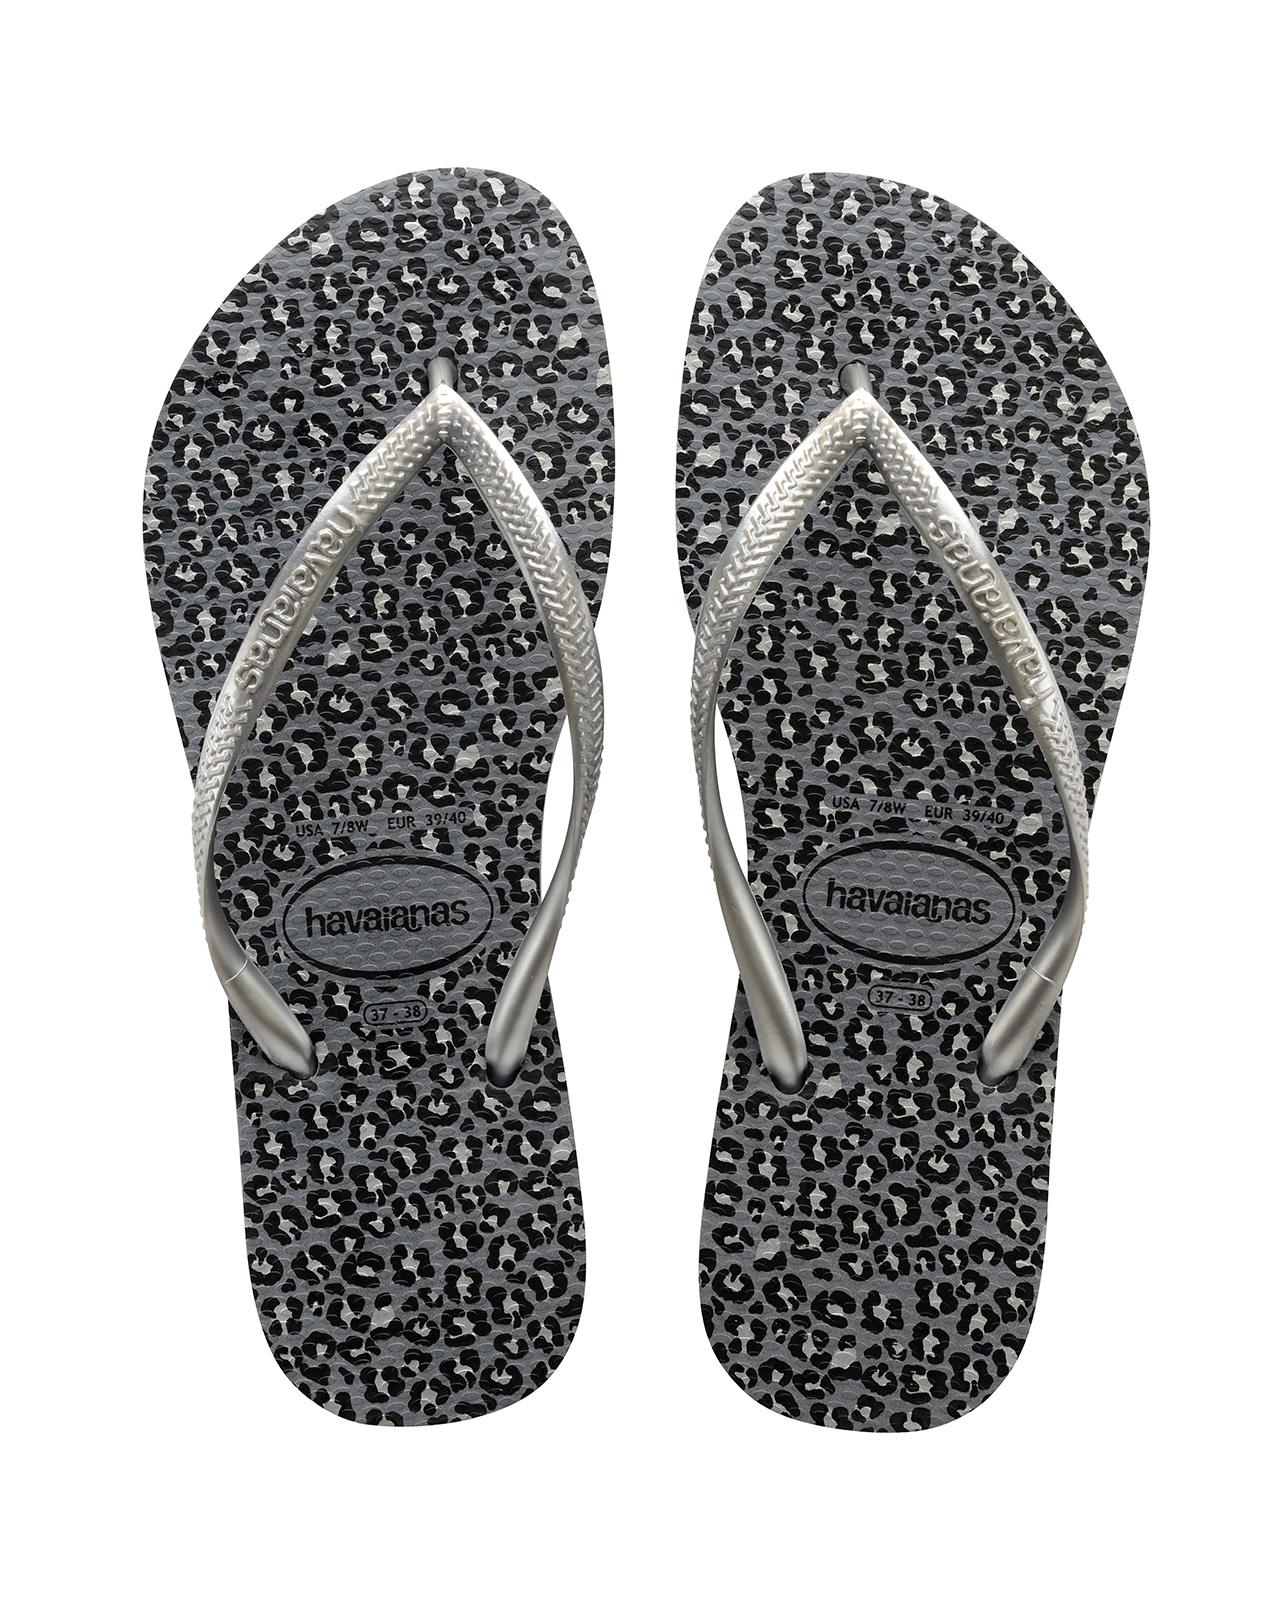 95839fea550 Flip-Flops Flip-flops - Havaianas Slim Animals Steel Grey